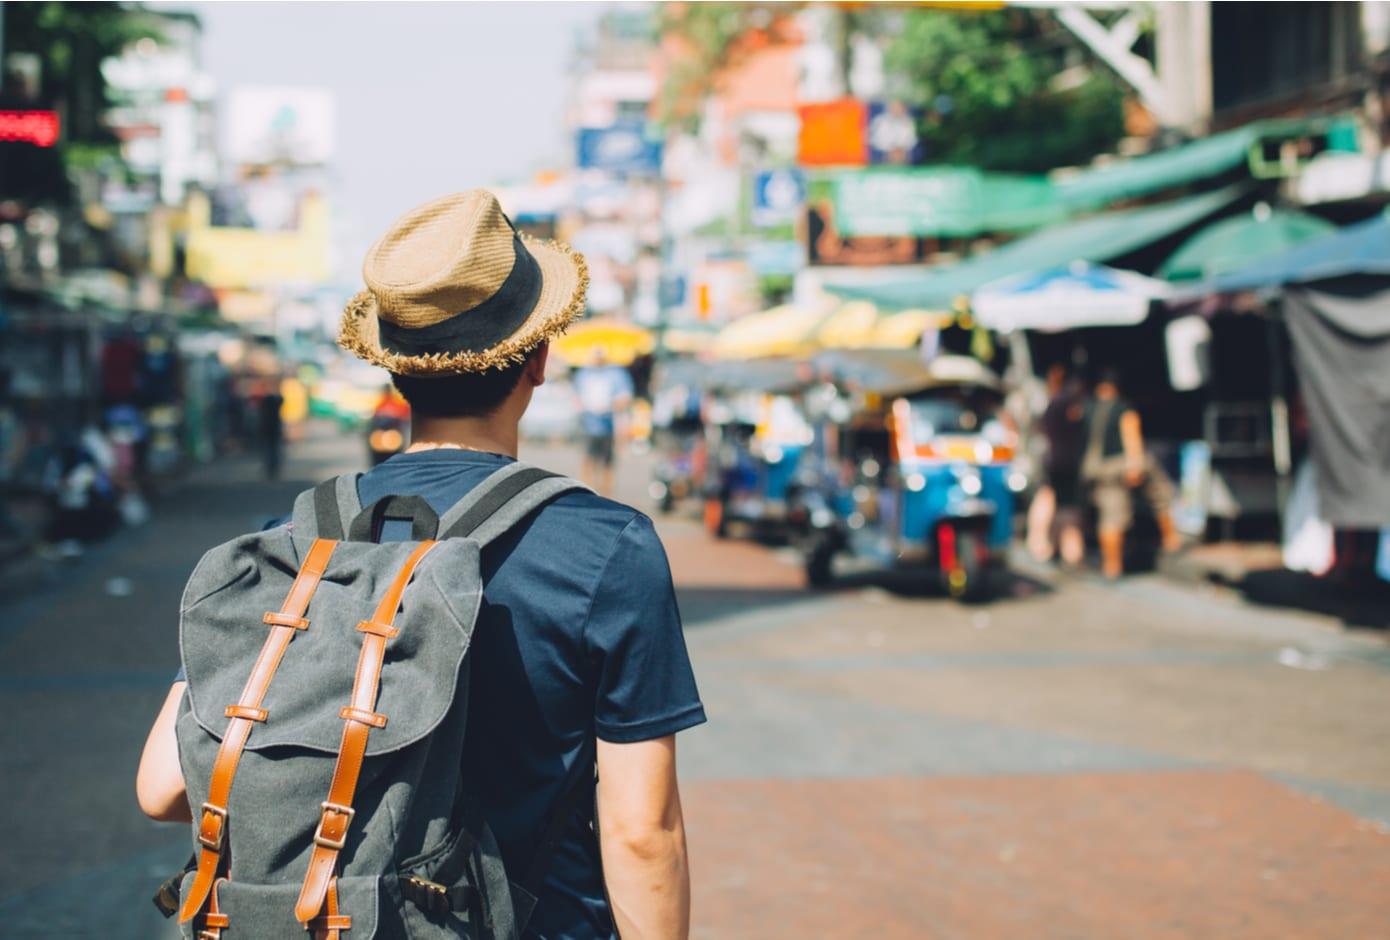 Young Asian backpacker at Khaosan Road outdoor market in Bangkok, Thailand